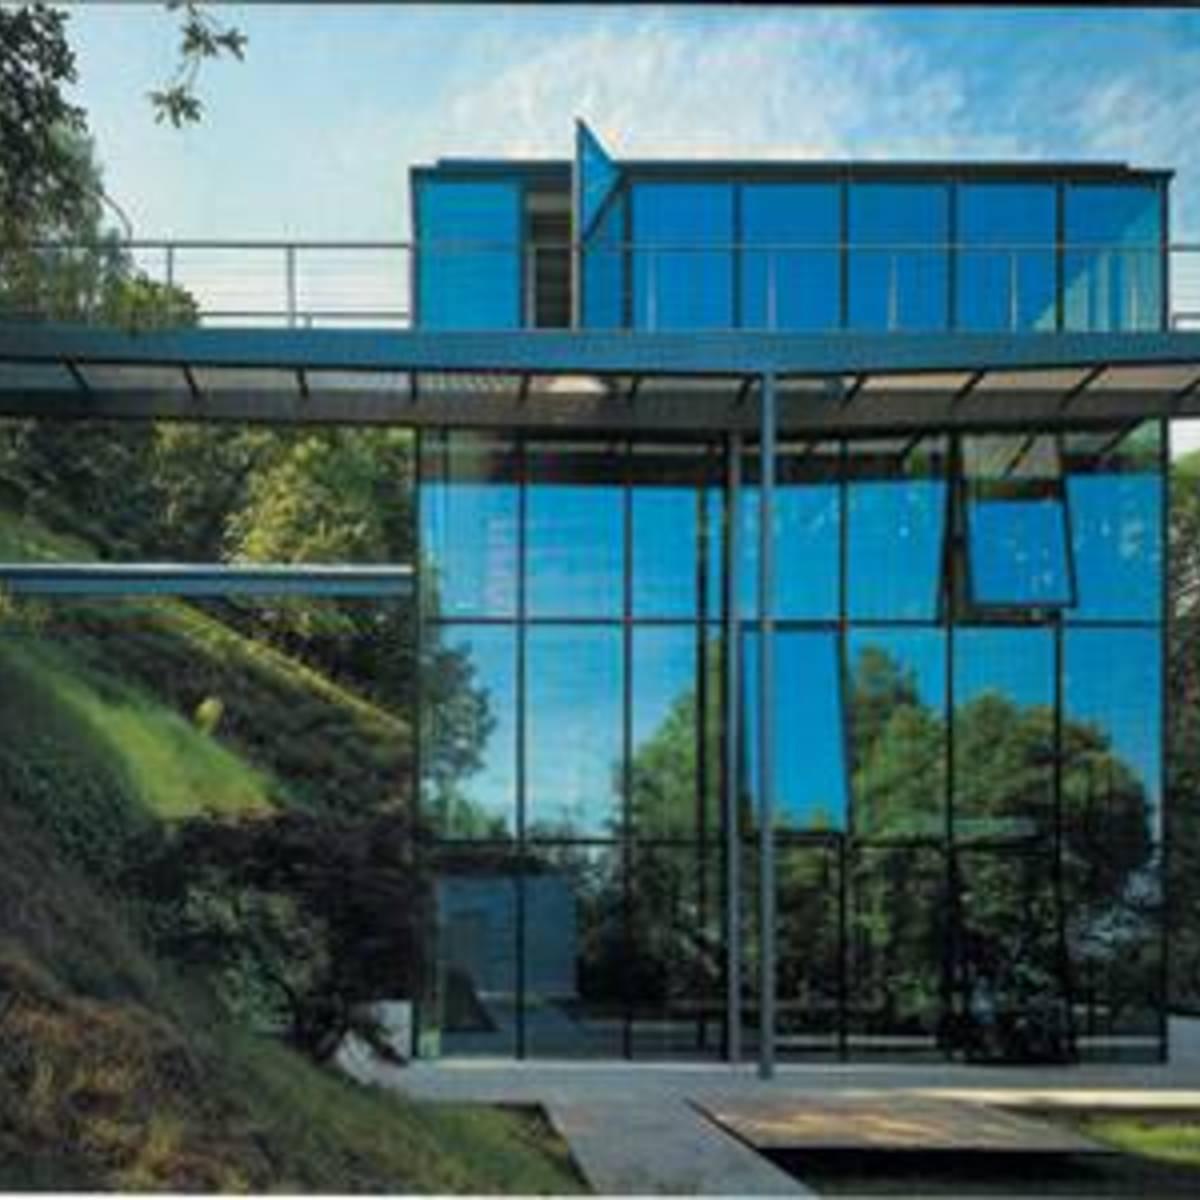 werner sobek einfamilienhaus stuttgart deutschland 2000 floornature. Black Bedroom Furniture Sets. Home Design Ideas